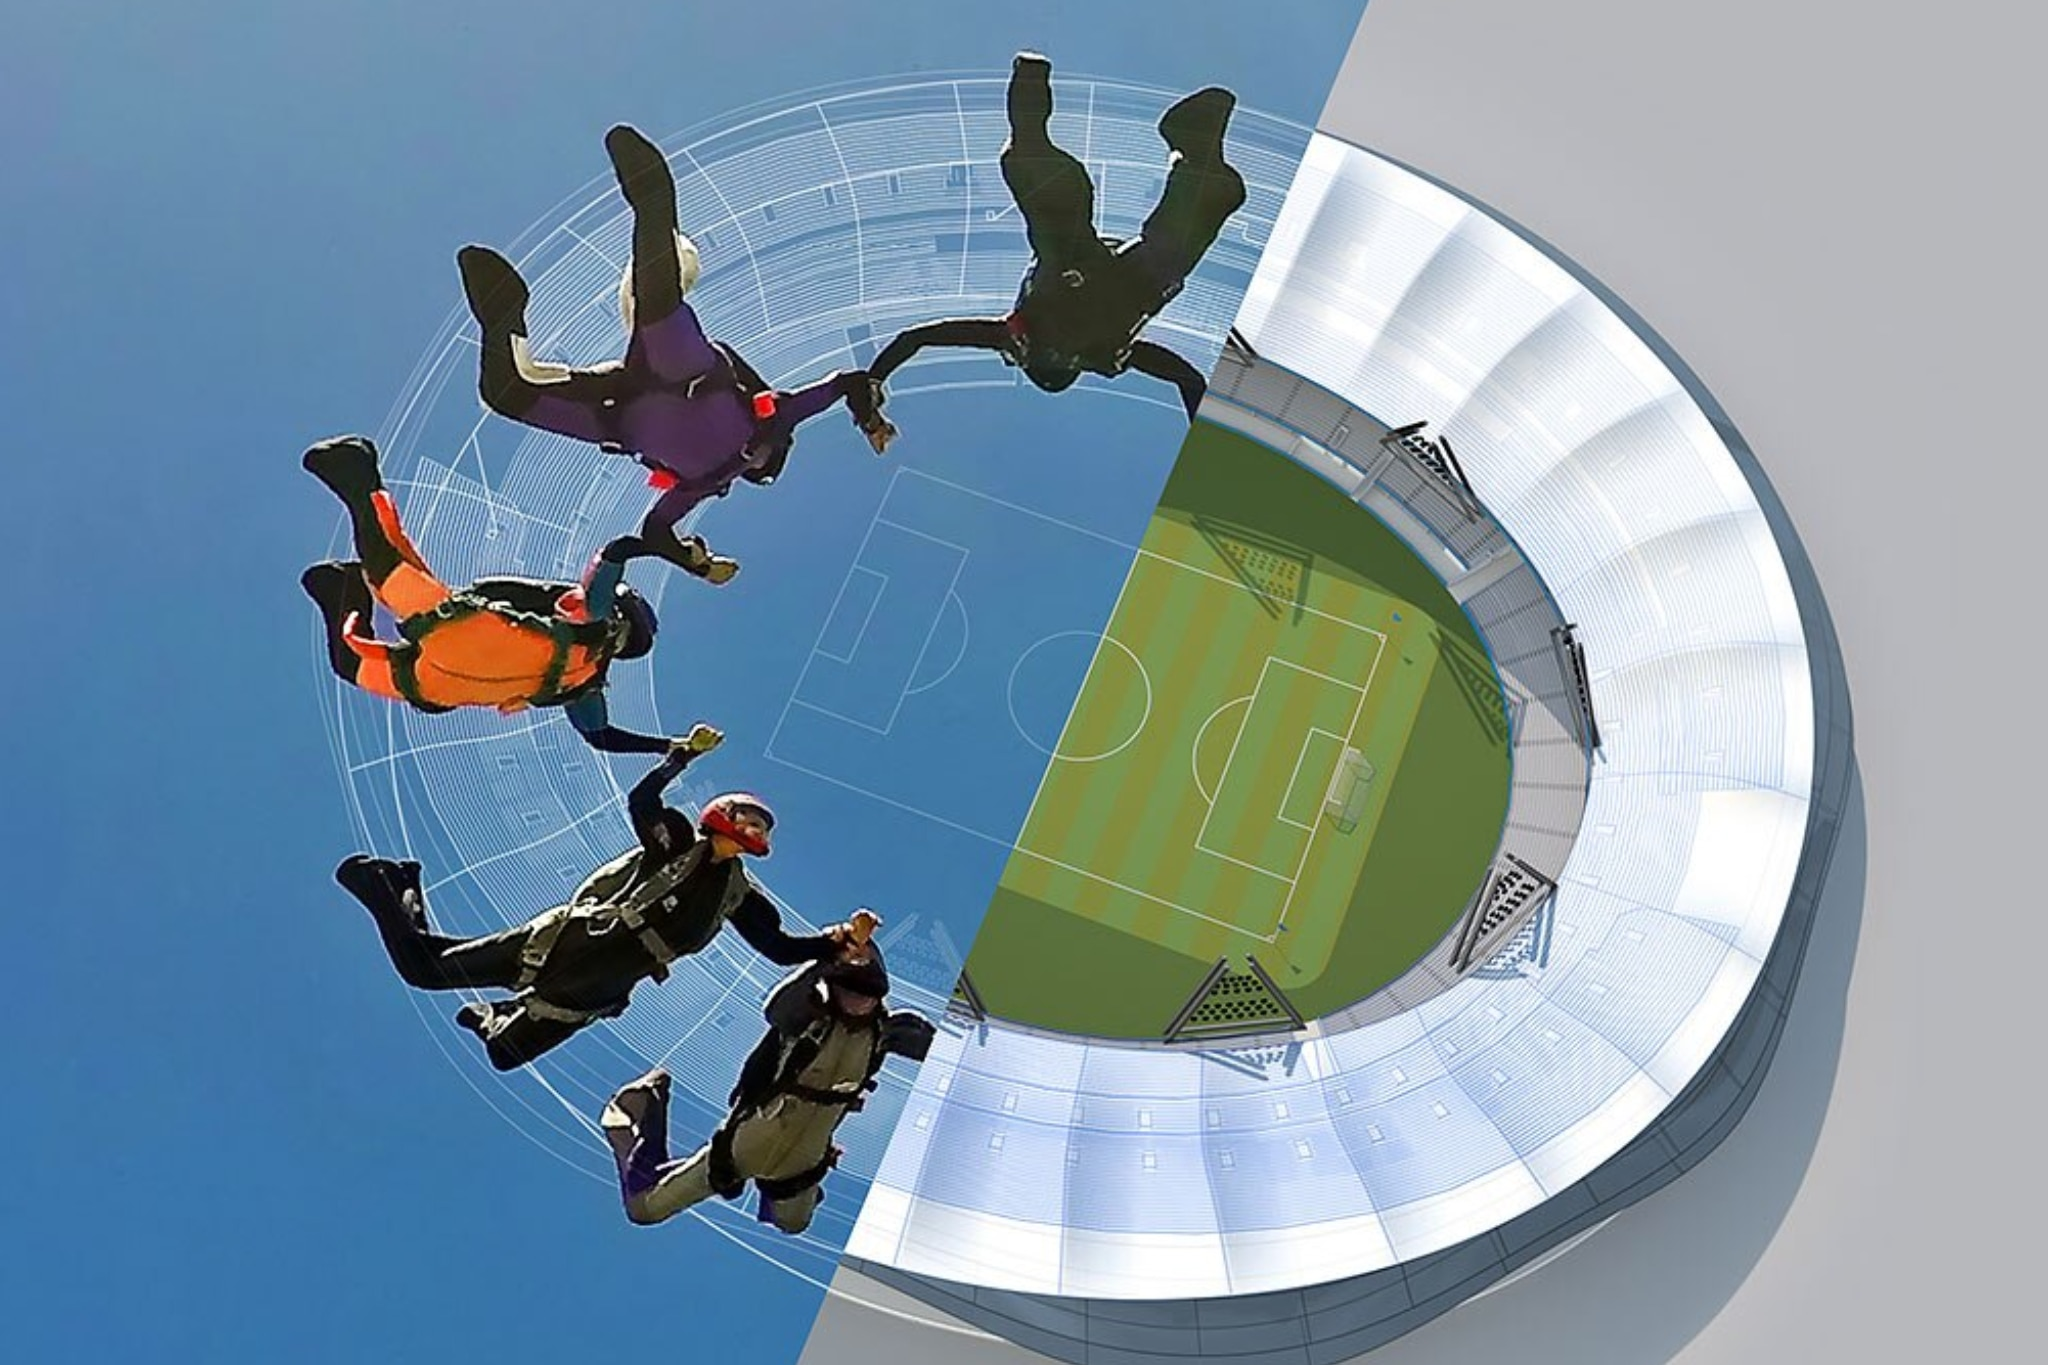 Eine Gruppe von fünf Personen beim Fallschirmsprung in ein Fußballstadion.